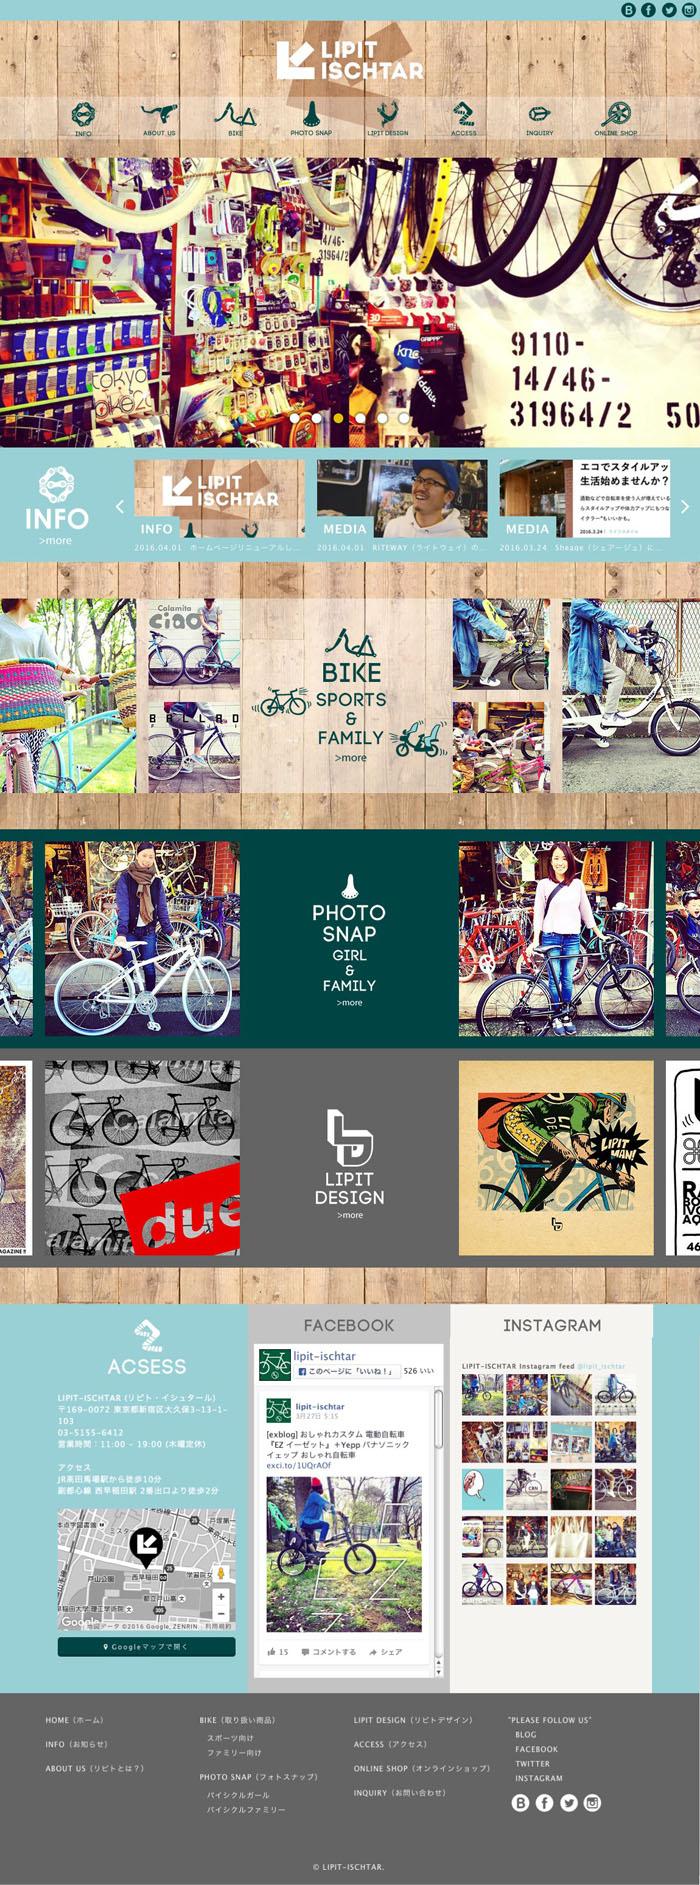 リピトオリジナルカレンダー「LIPIT DESIGN」おしゃれ自転車 リピトデザイン 自転車グッズ オシャレ自転車_b0212032_16264055.jpg